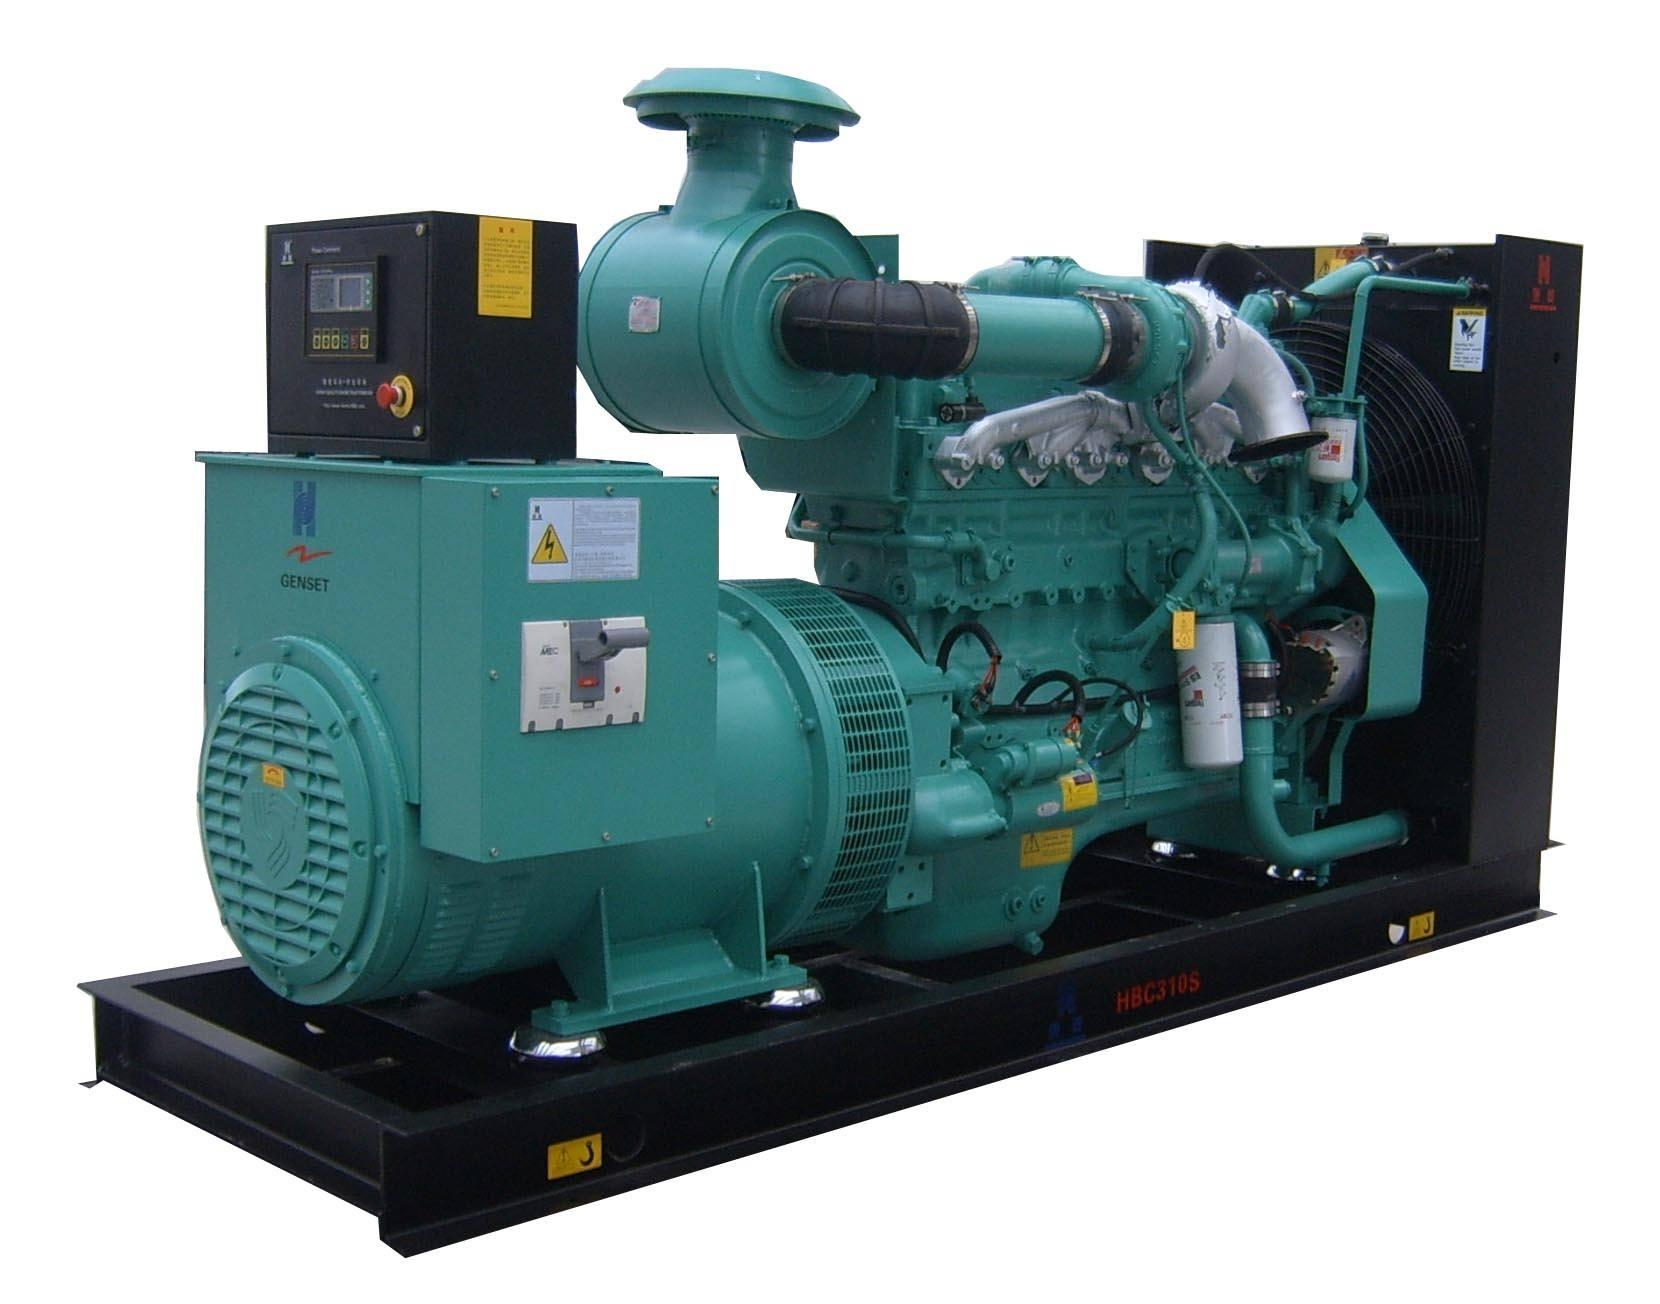 租赁320千瓦发电机组,租赁1000千瓦柴油发电机,租赁350千瓦柴油发电机组